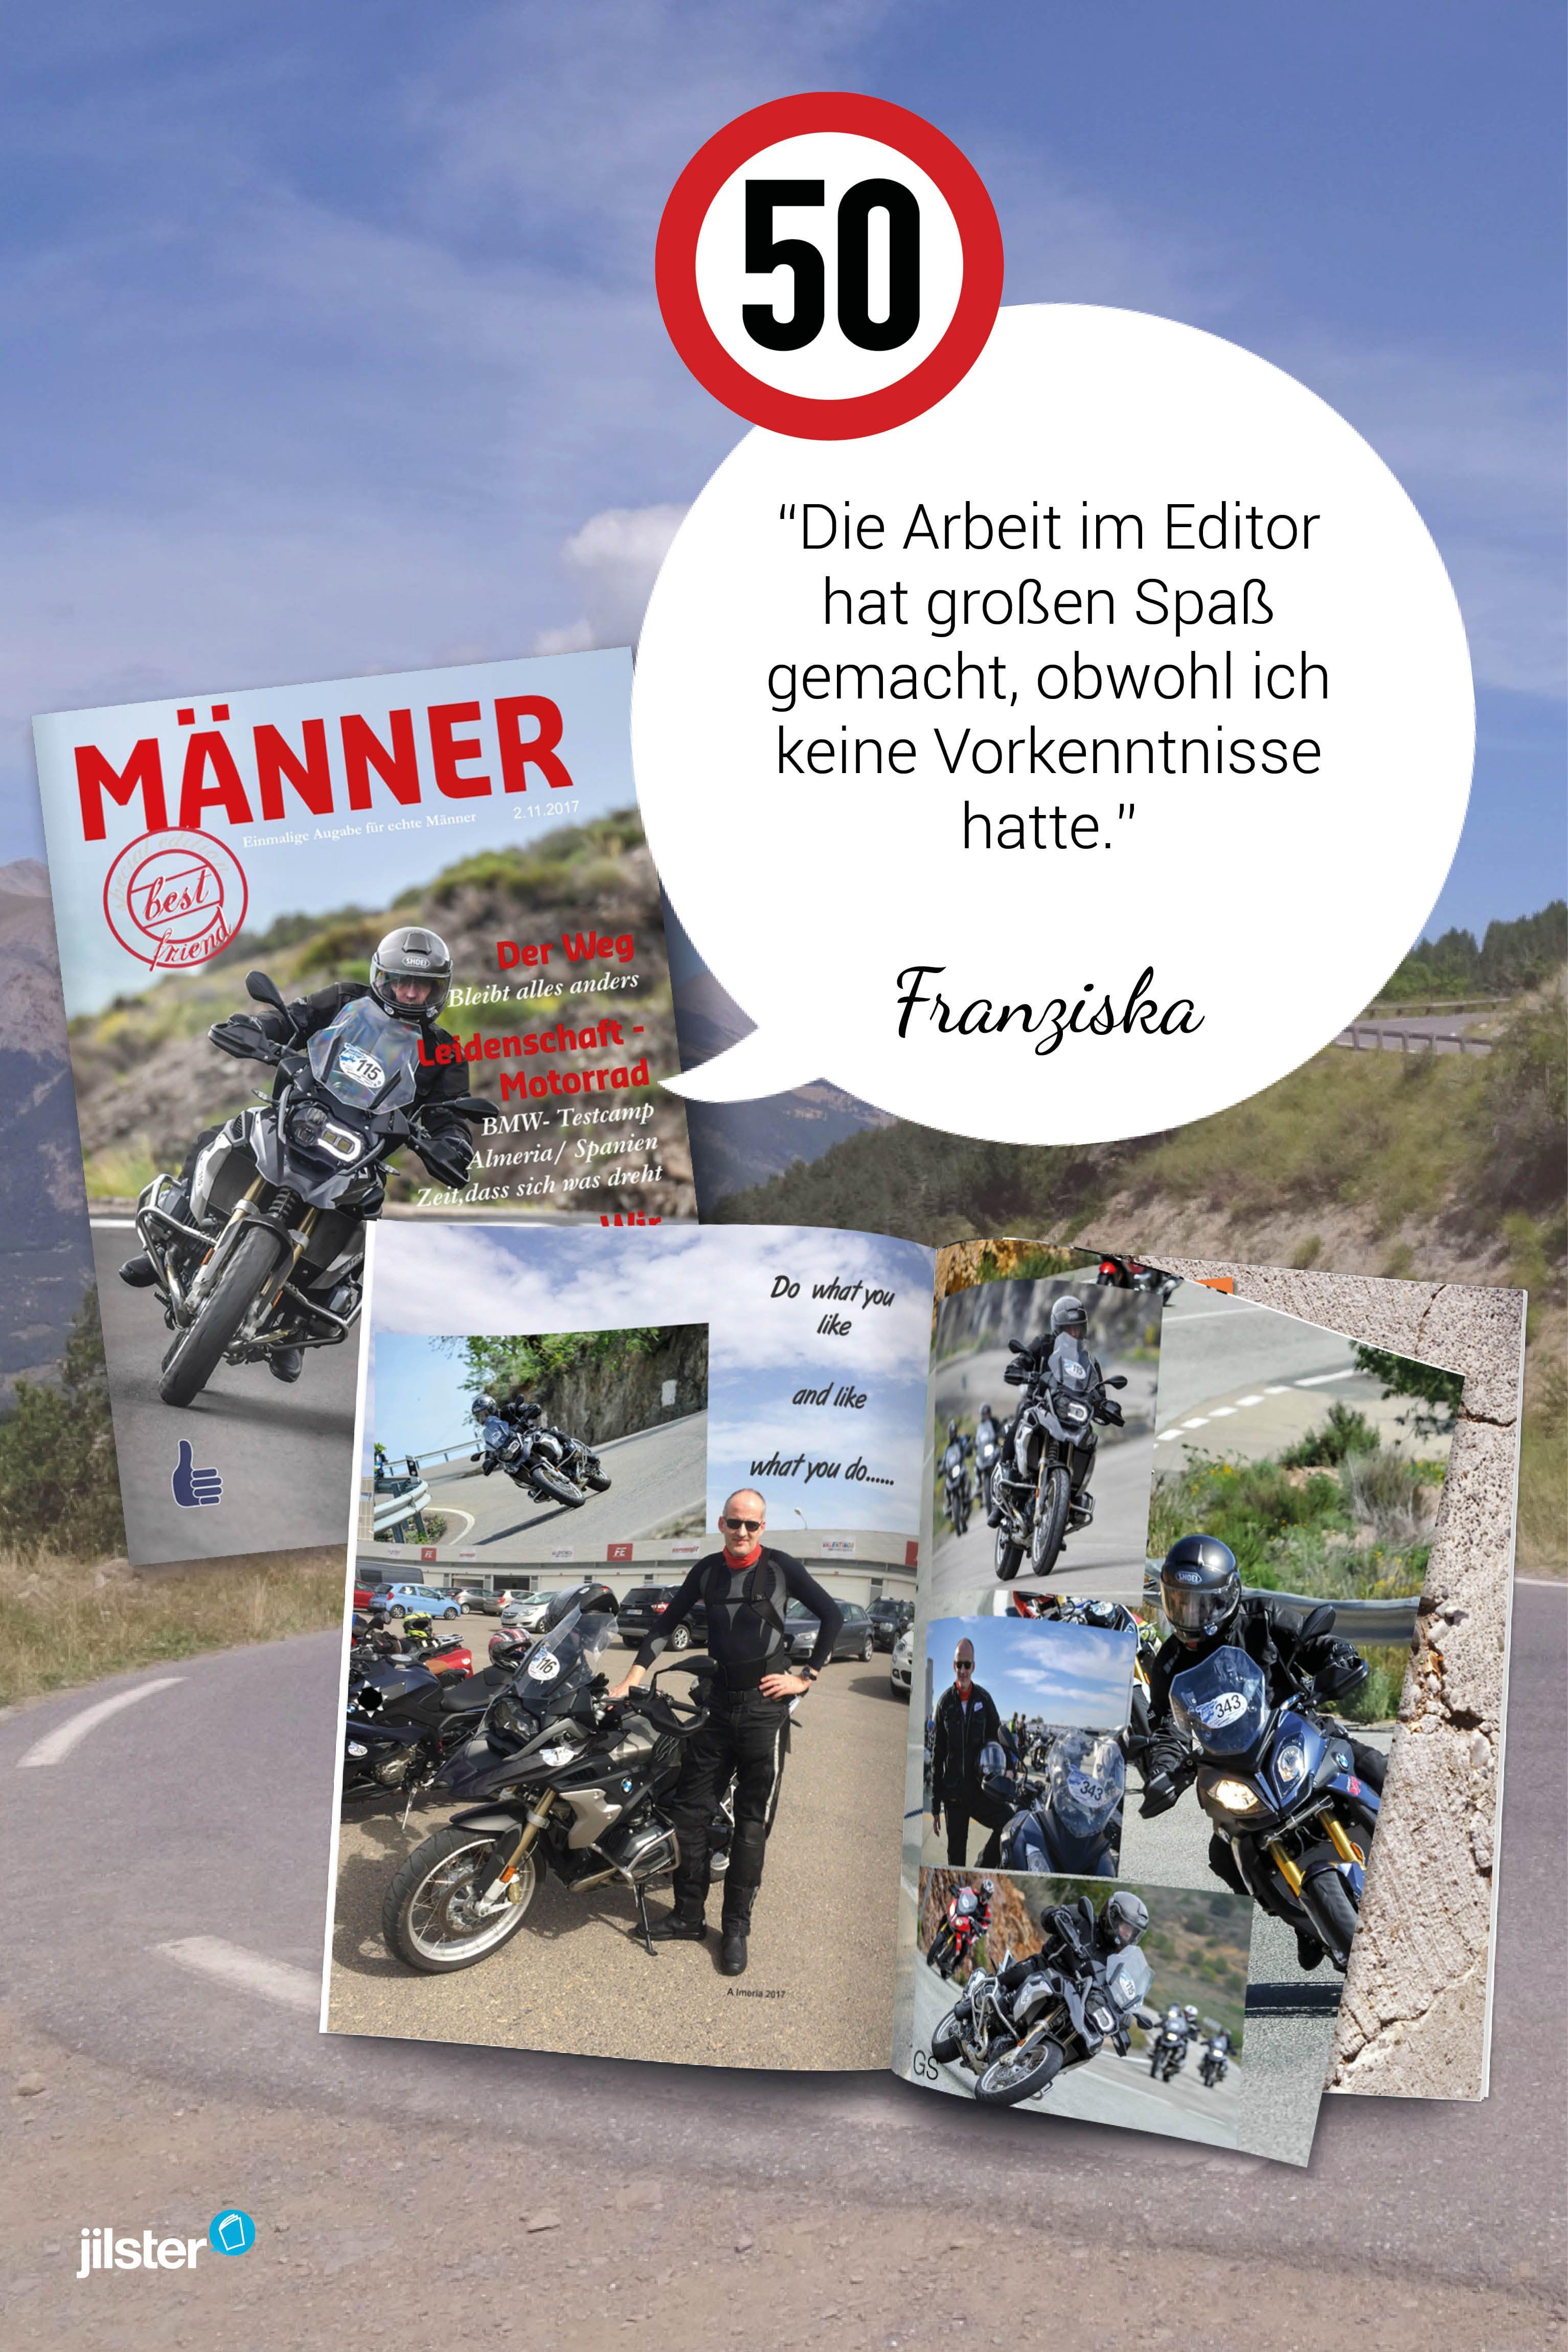 Eine Motorradzeitung Fur Franziskas Mann Jilster Kundenerfahrung